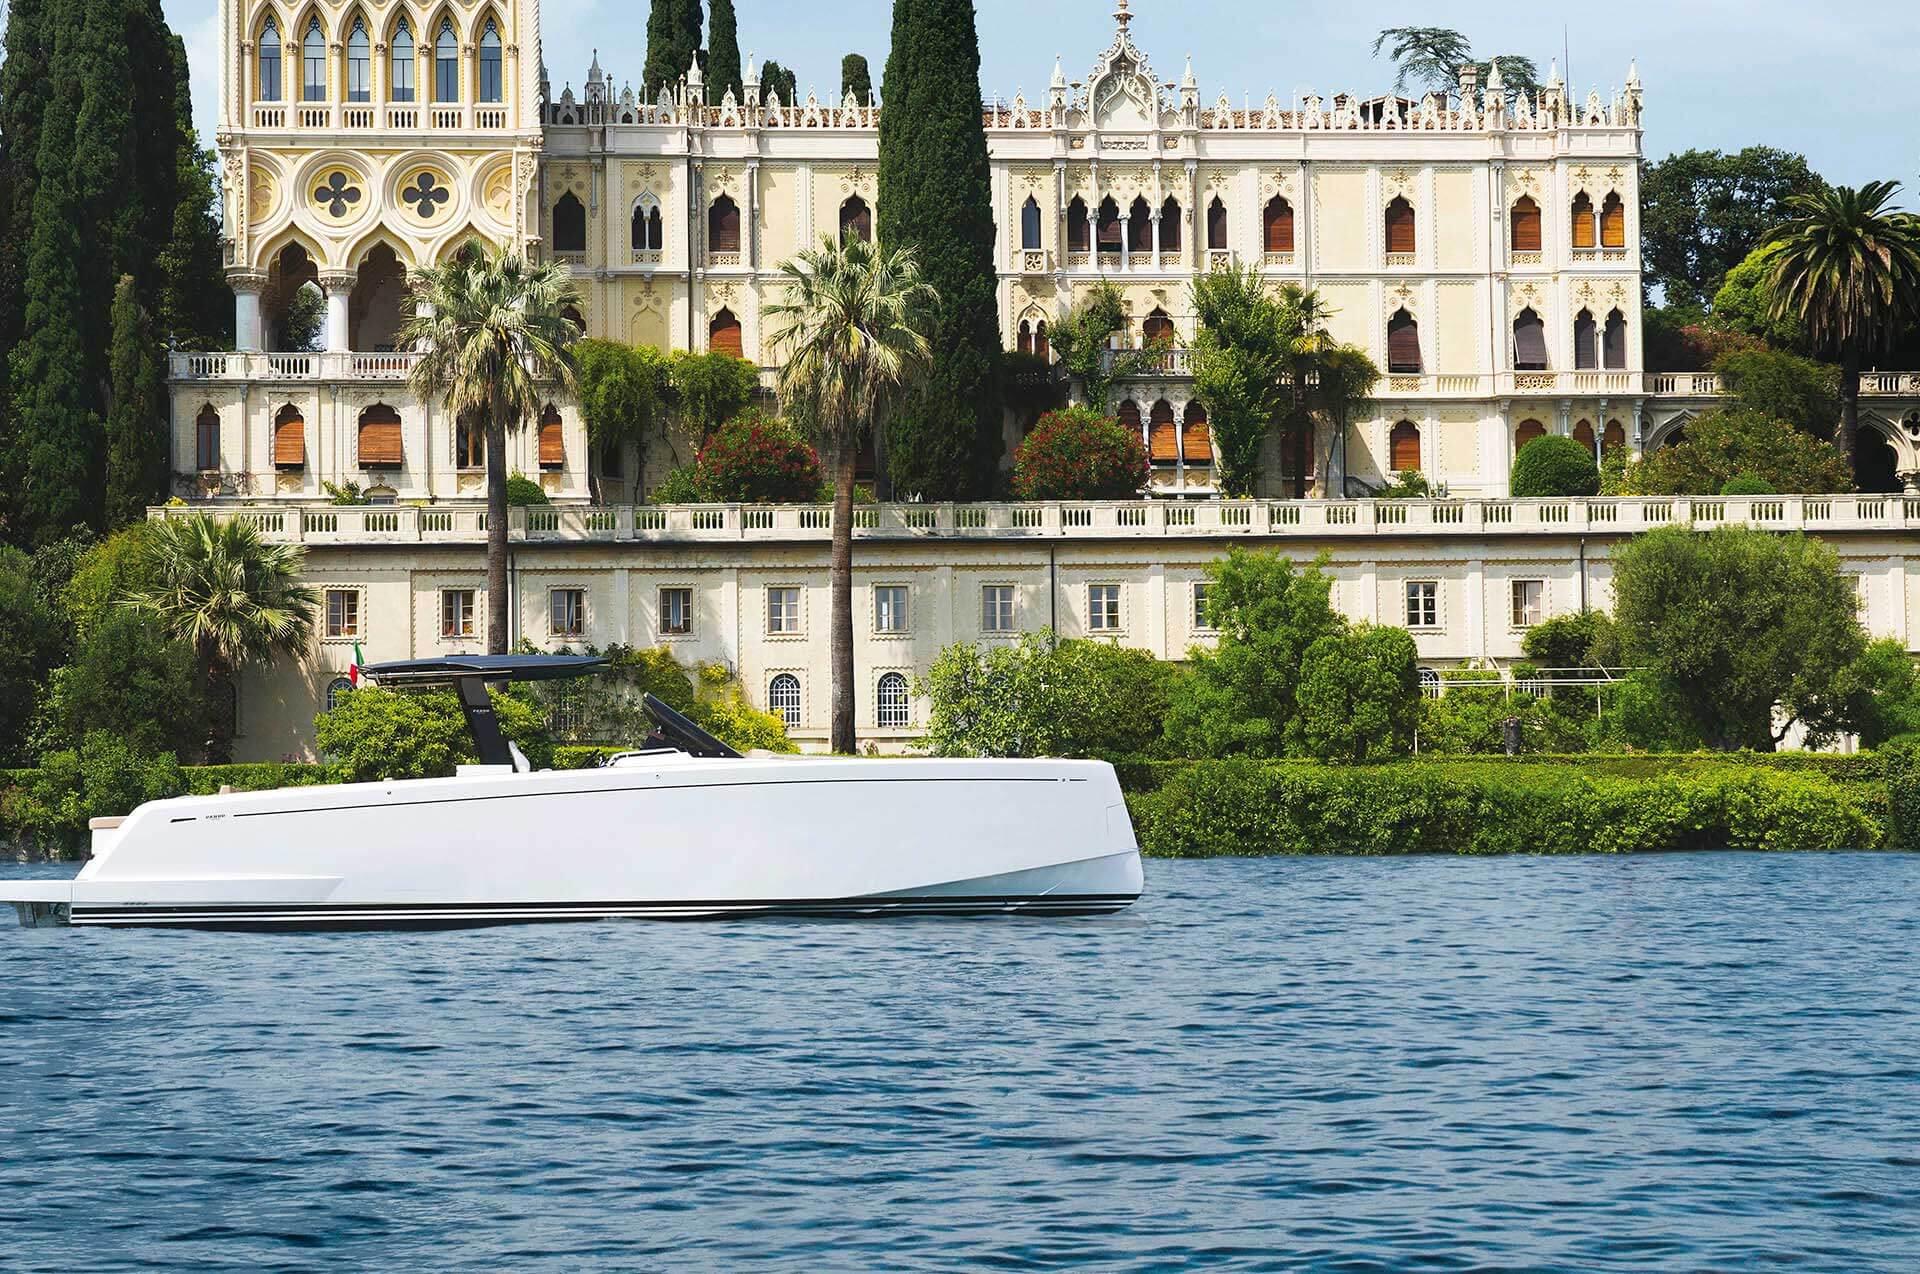 Pardo 43 Yacht